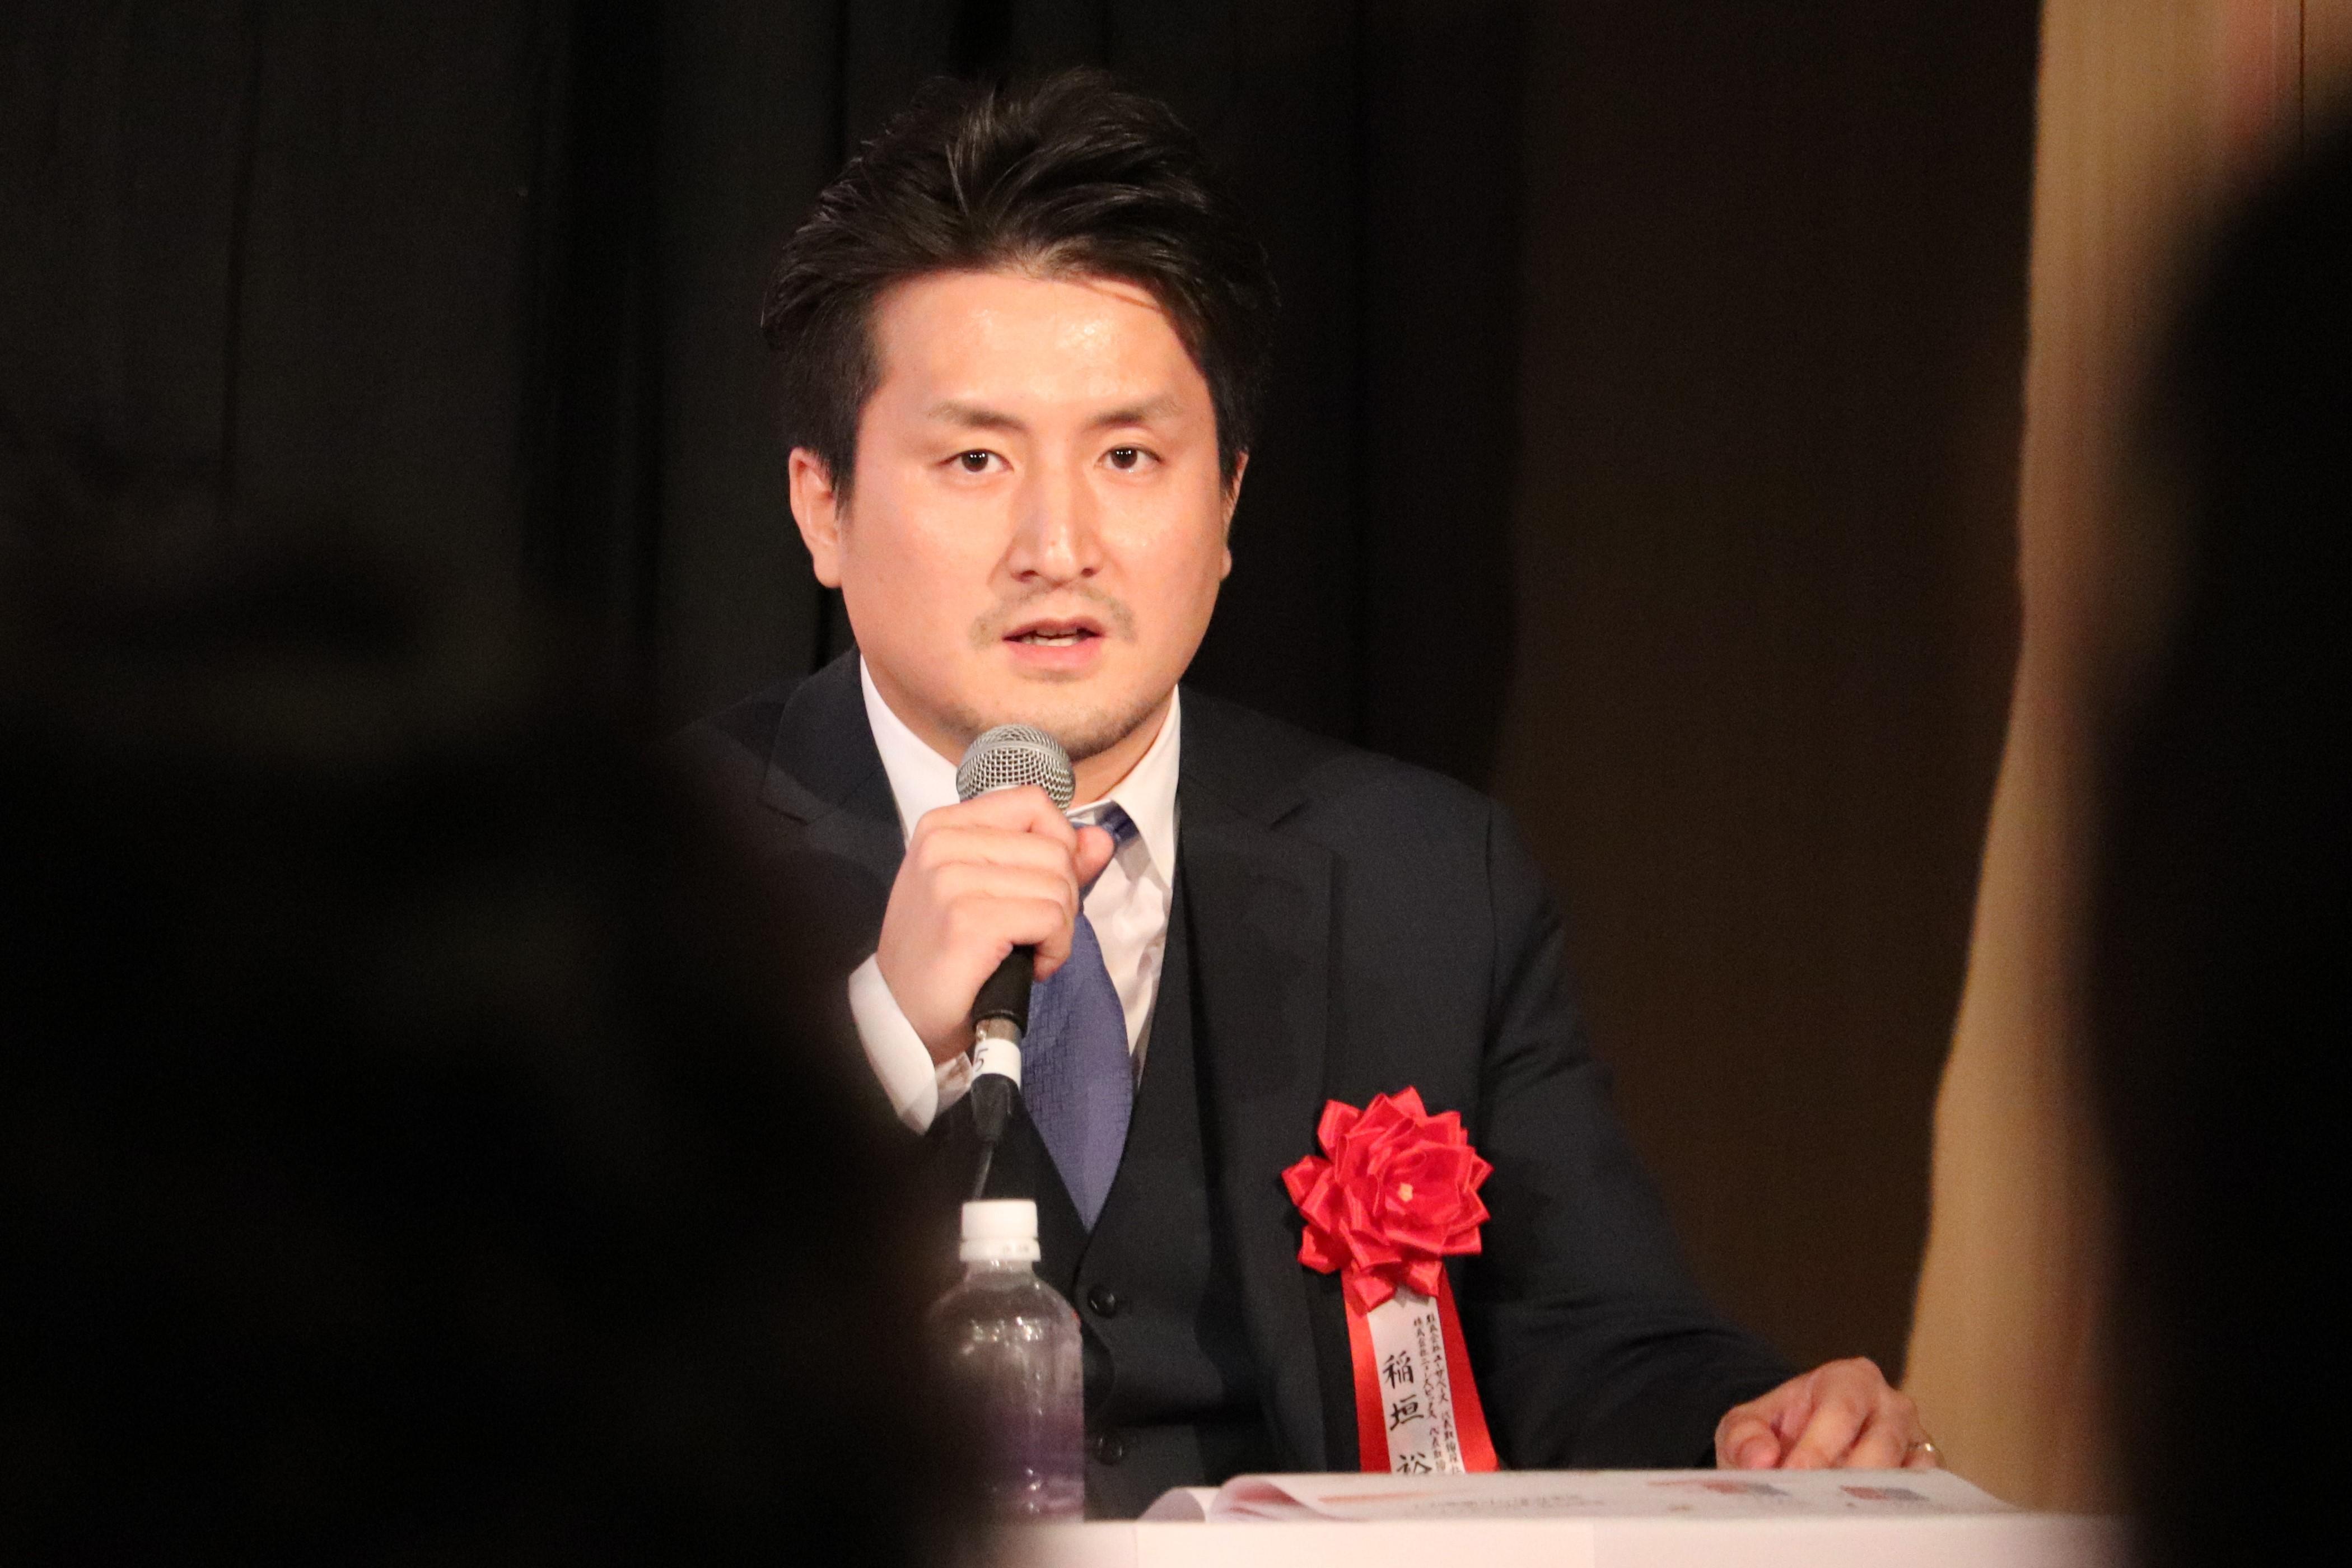 株式会社ユーザベース 代表取締役社長 稲垣裕介さん